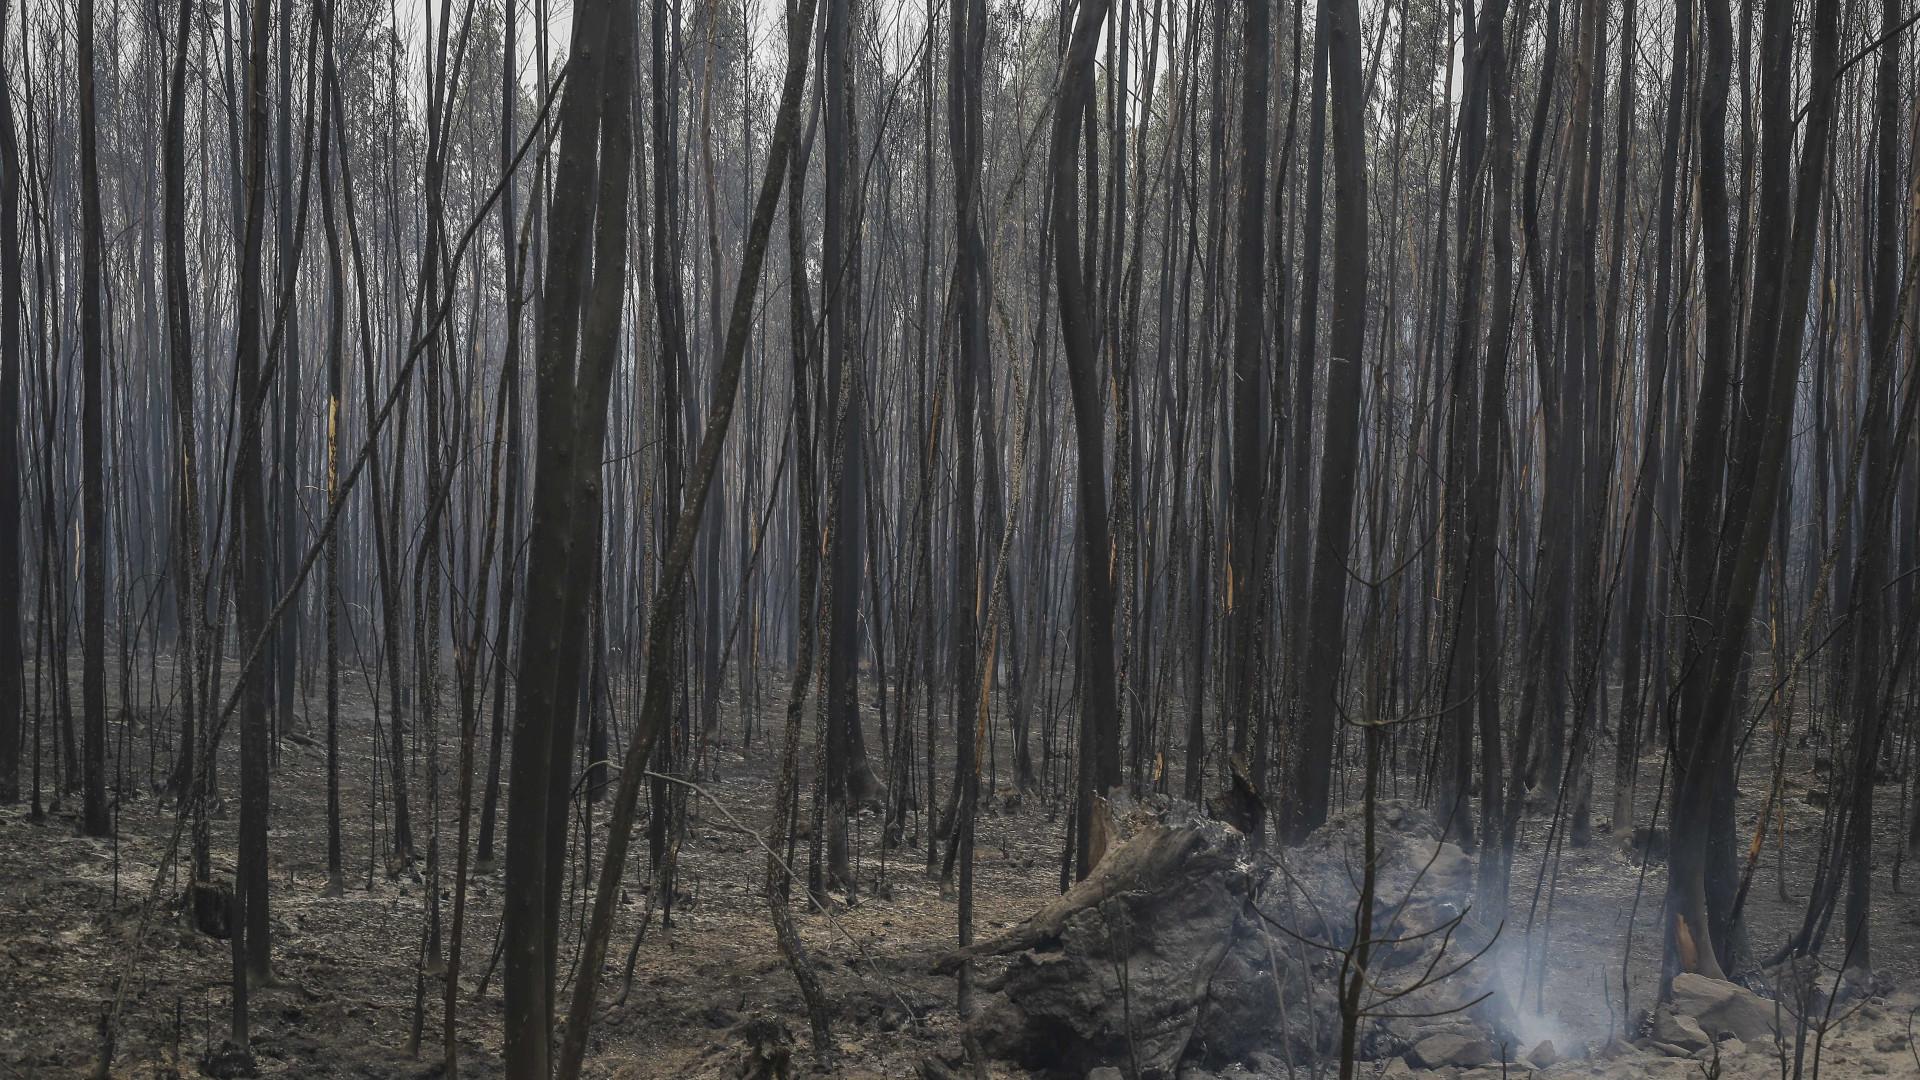 Luxemburgo envia 40 toneladas de bens para ajudar vítimas de fogos